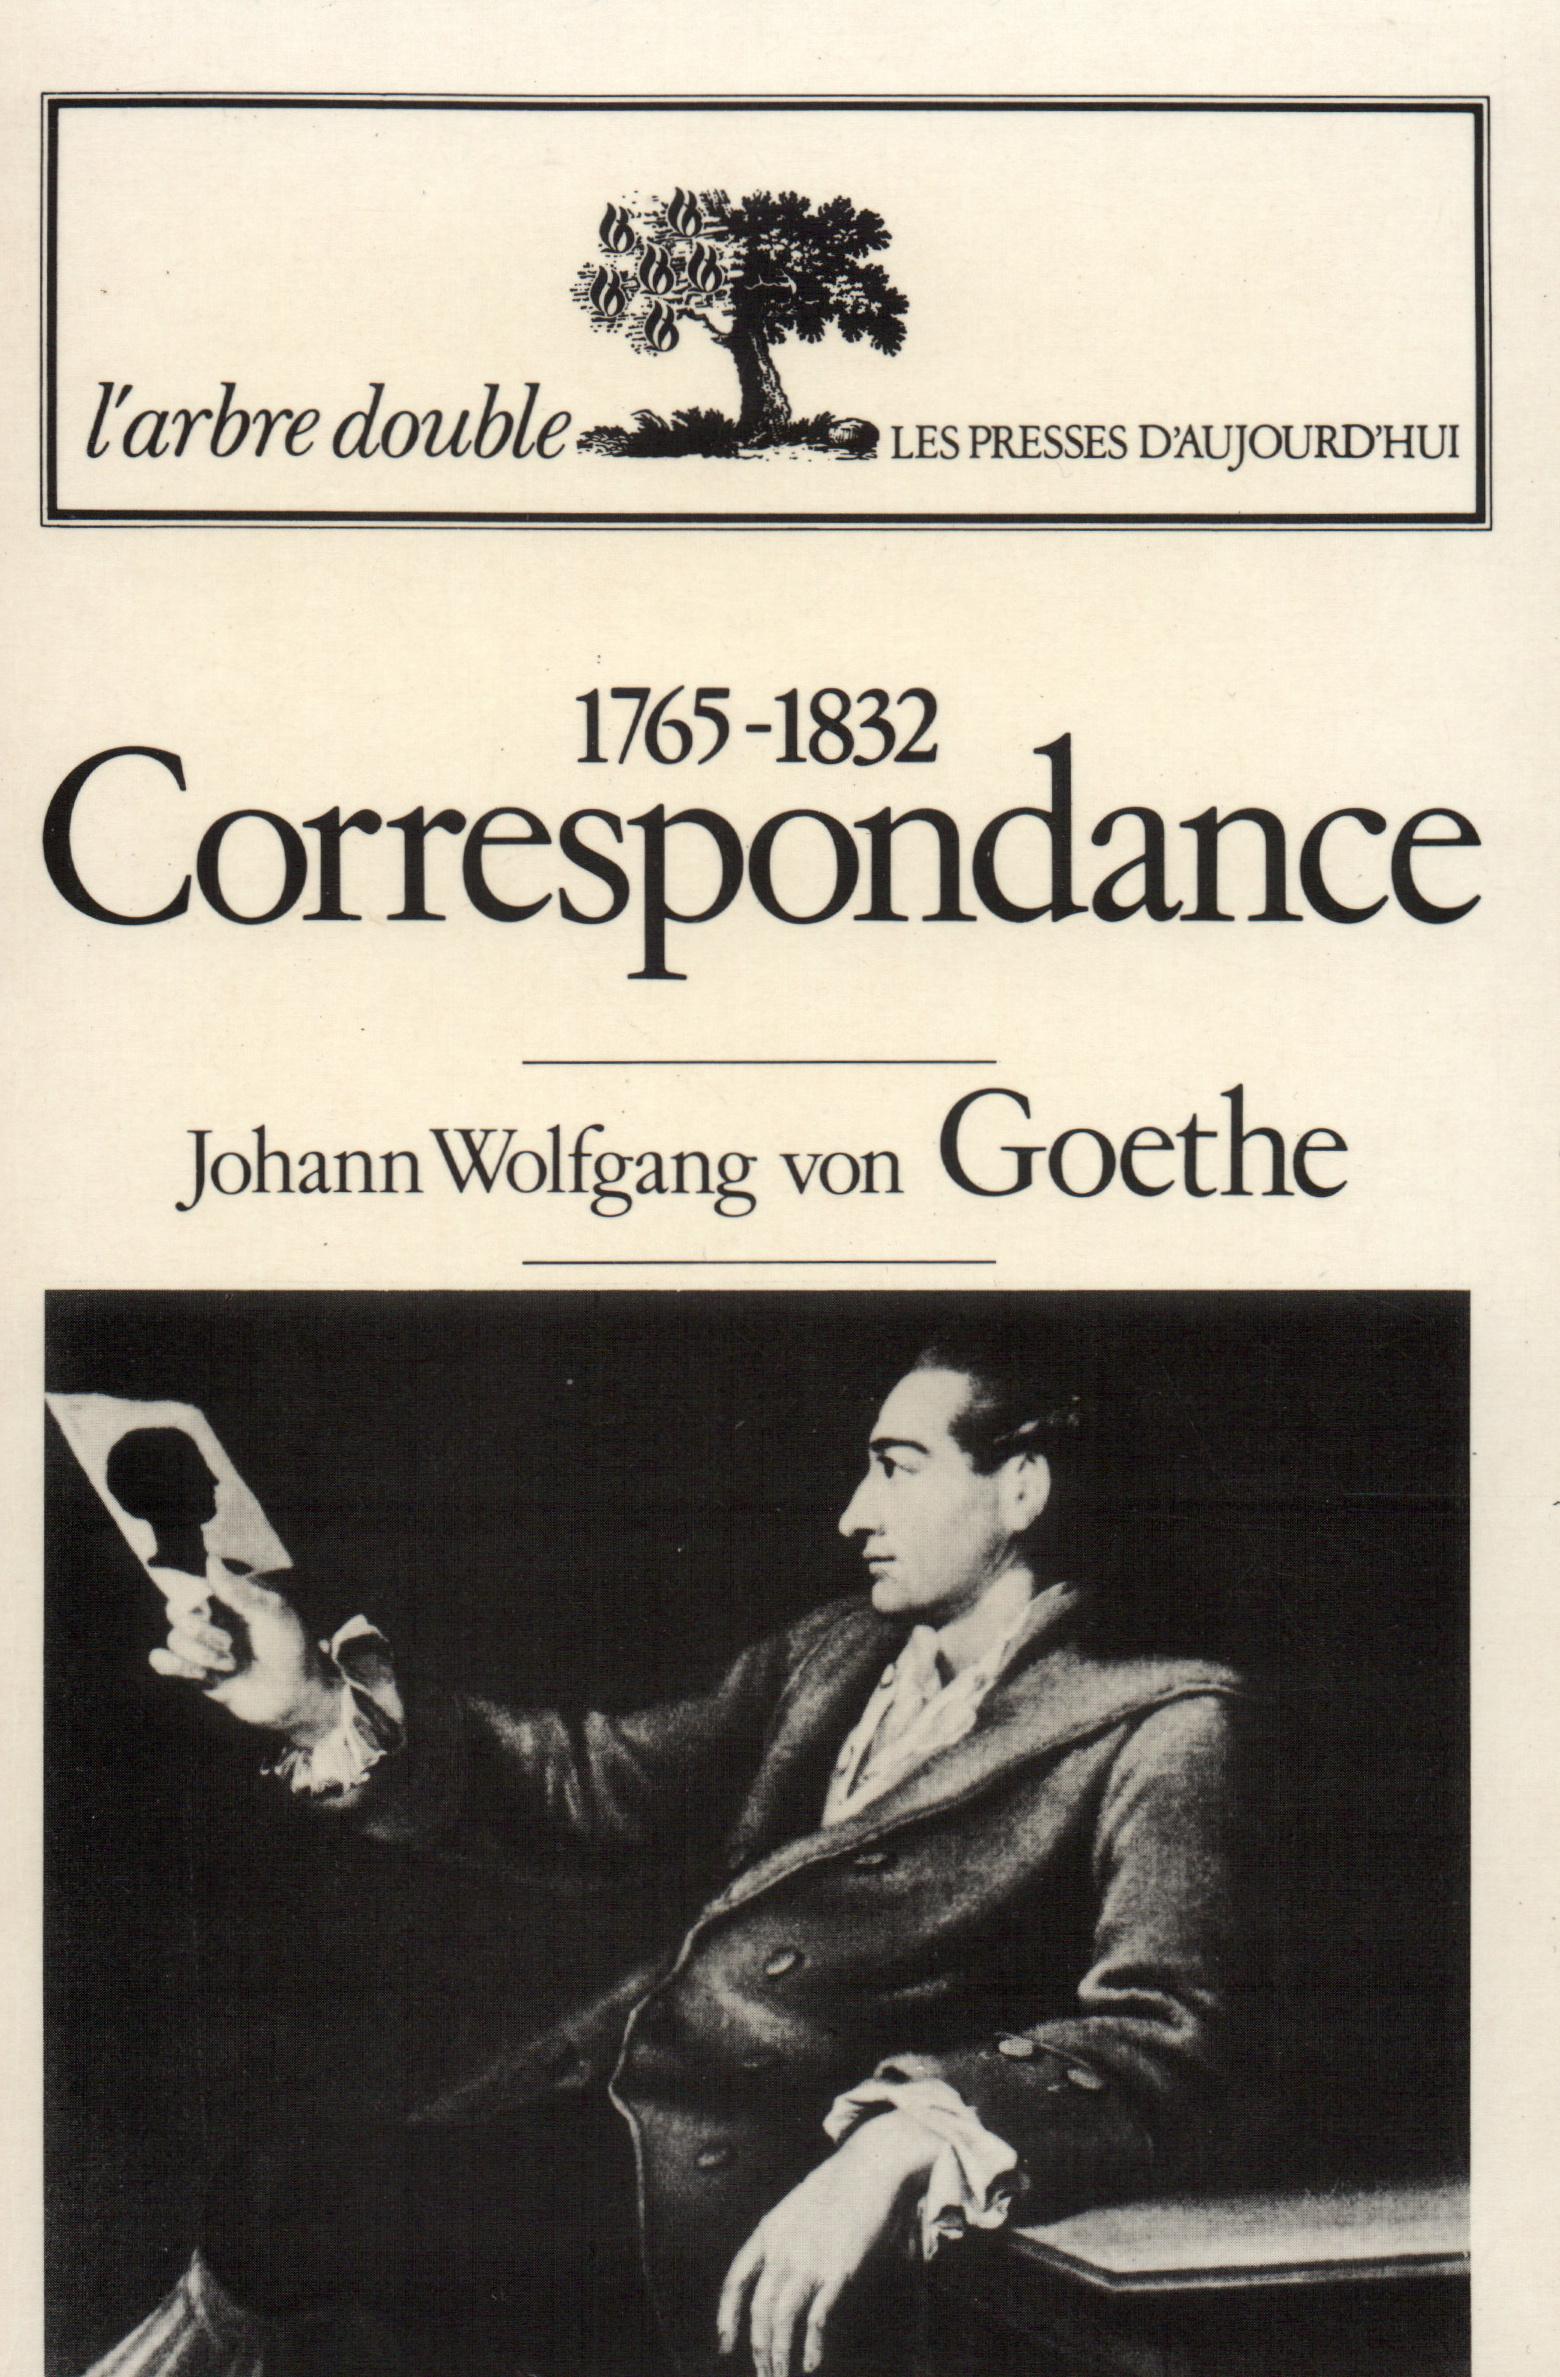 CORRESPONDANCE 1765-1832 - 1765-1832)